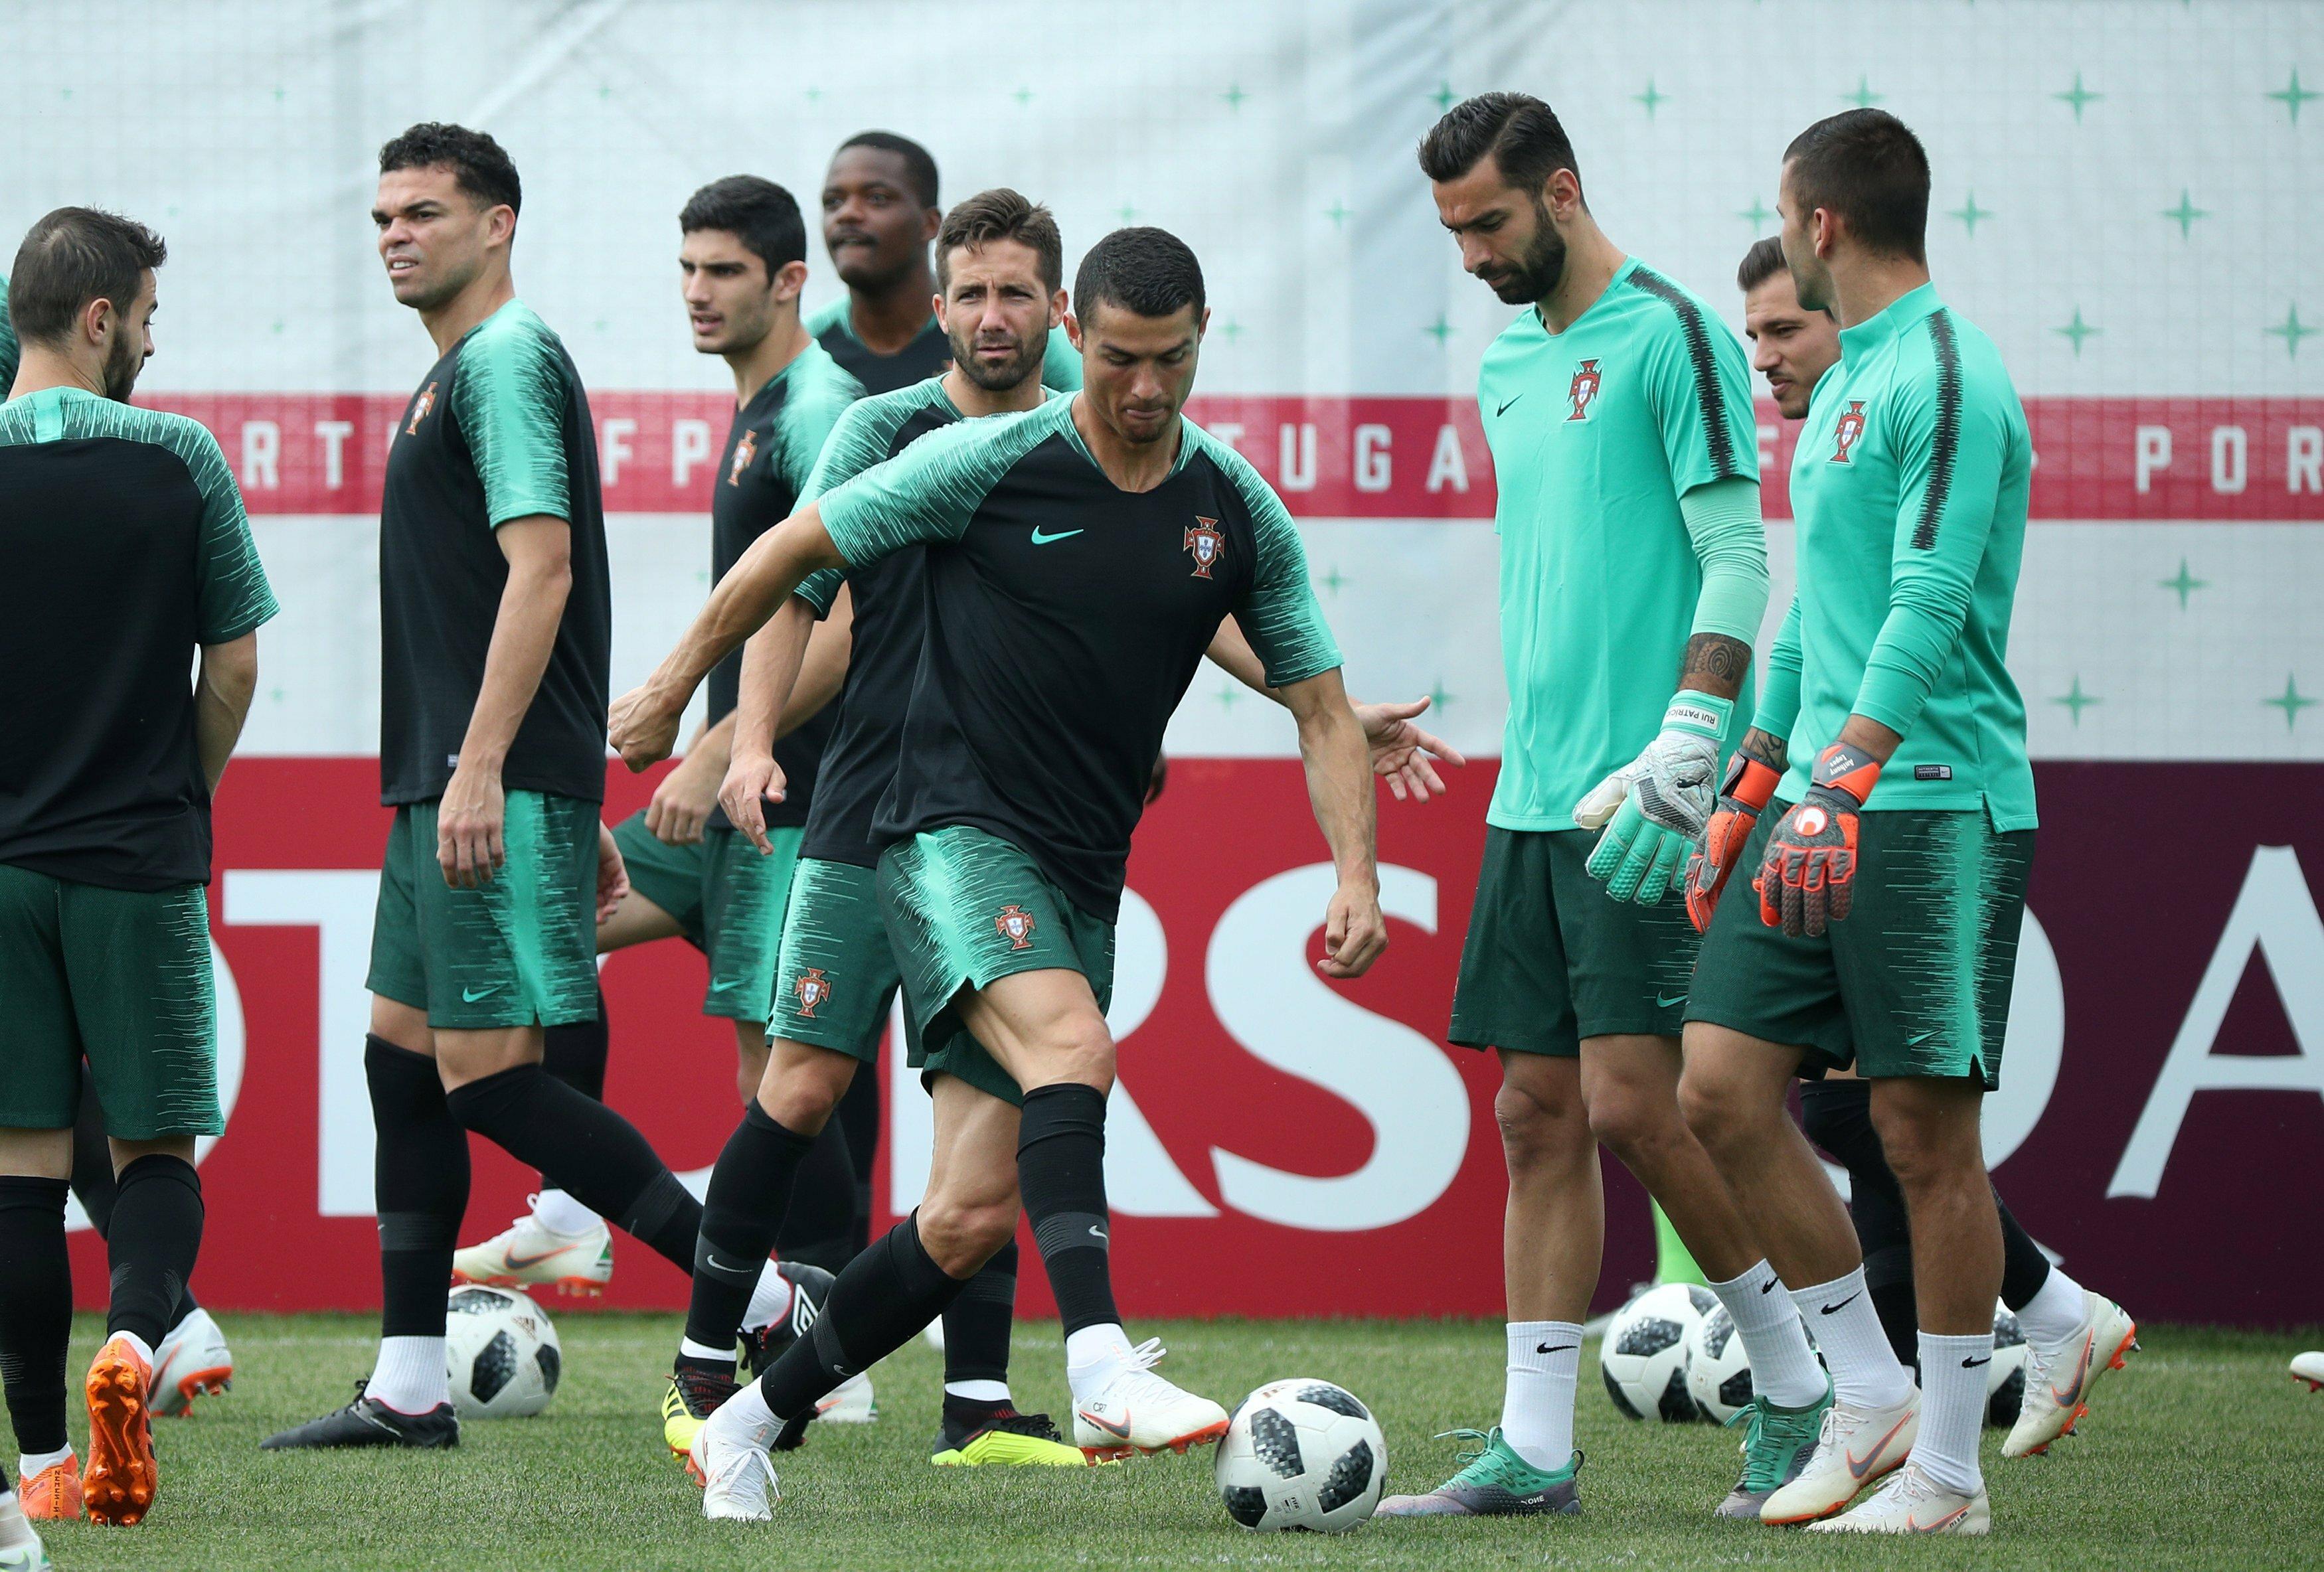 كريستيانو رونالدو يتألق في تدريبات المنتخب البرتغالي استعدادا للمغرب